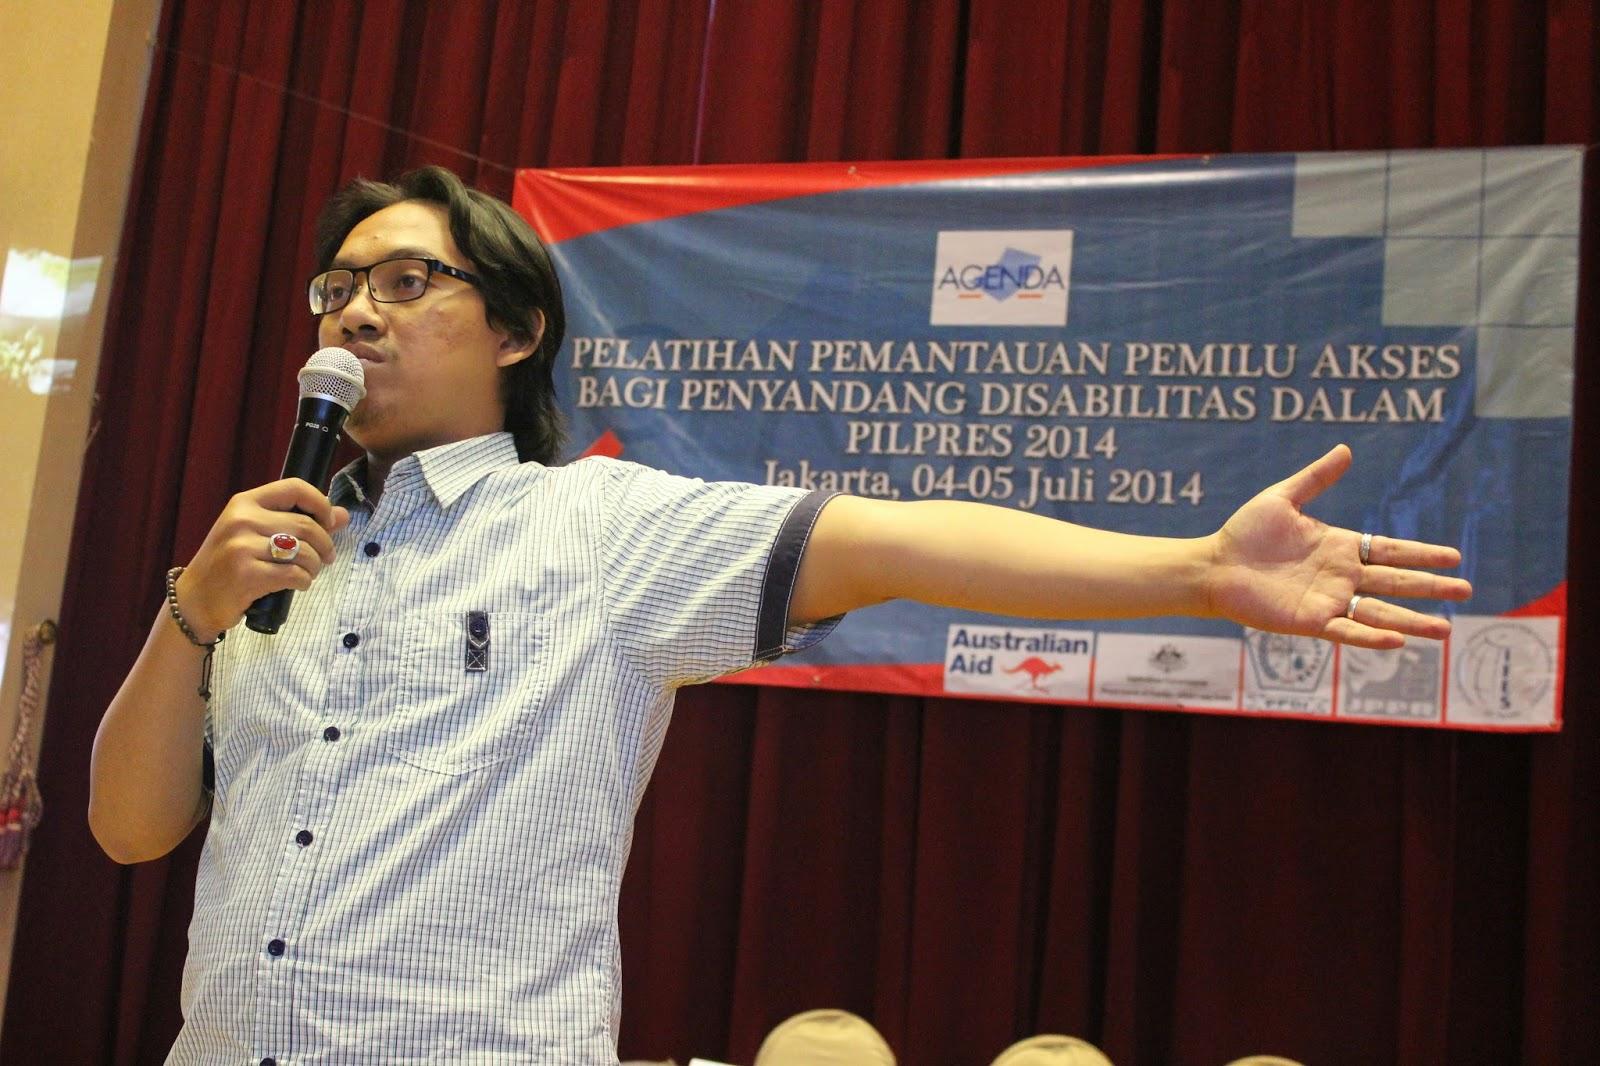 JPPR Trainer at Jakarta Observer Wrkshop 4-5 July 2014